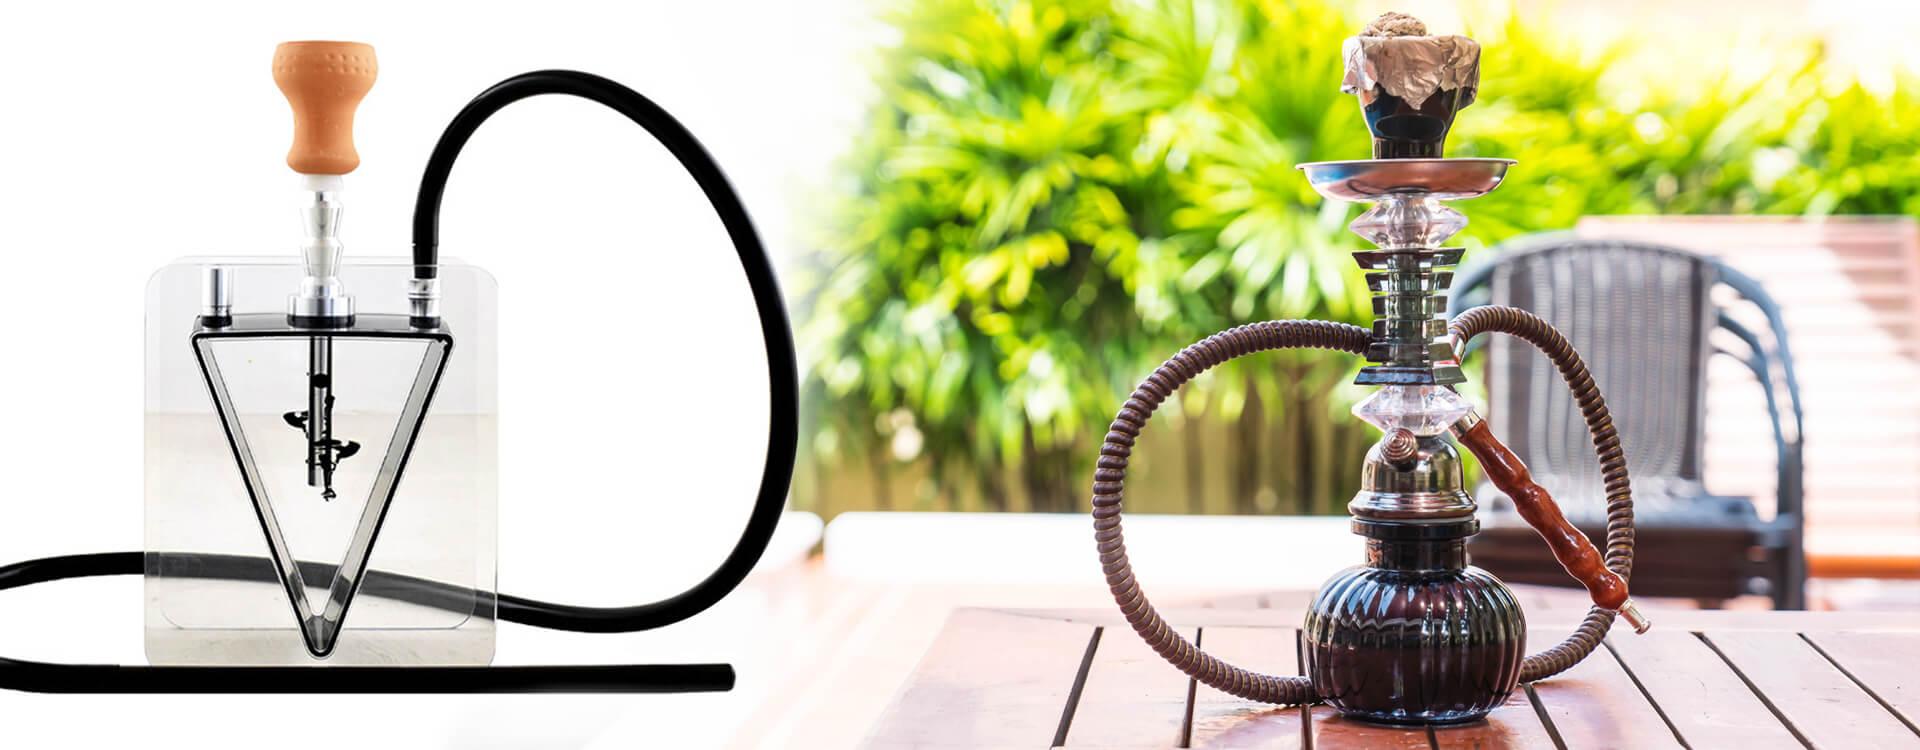 Prenosná vodná fajka: Aladin Acryl Hookah Edge a ďalšia vodná fajka menšej veľkosti